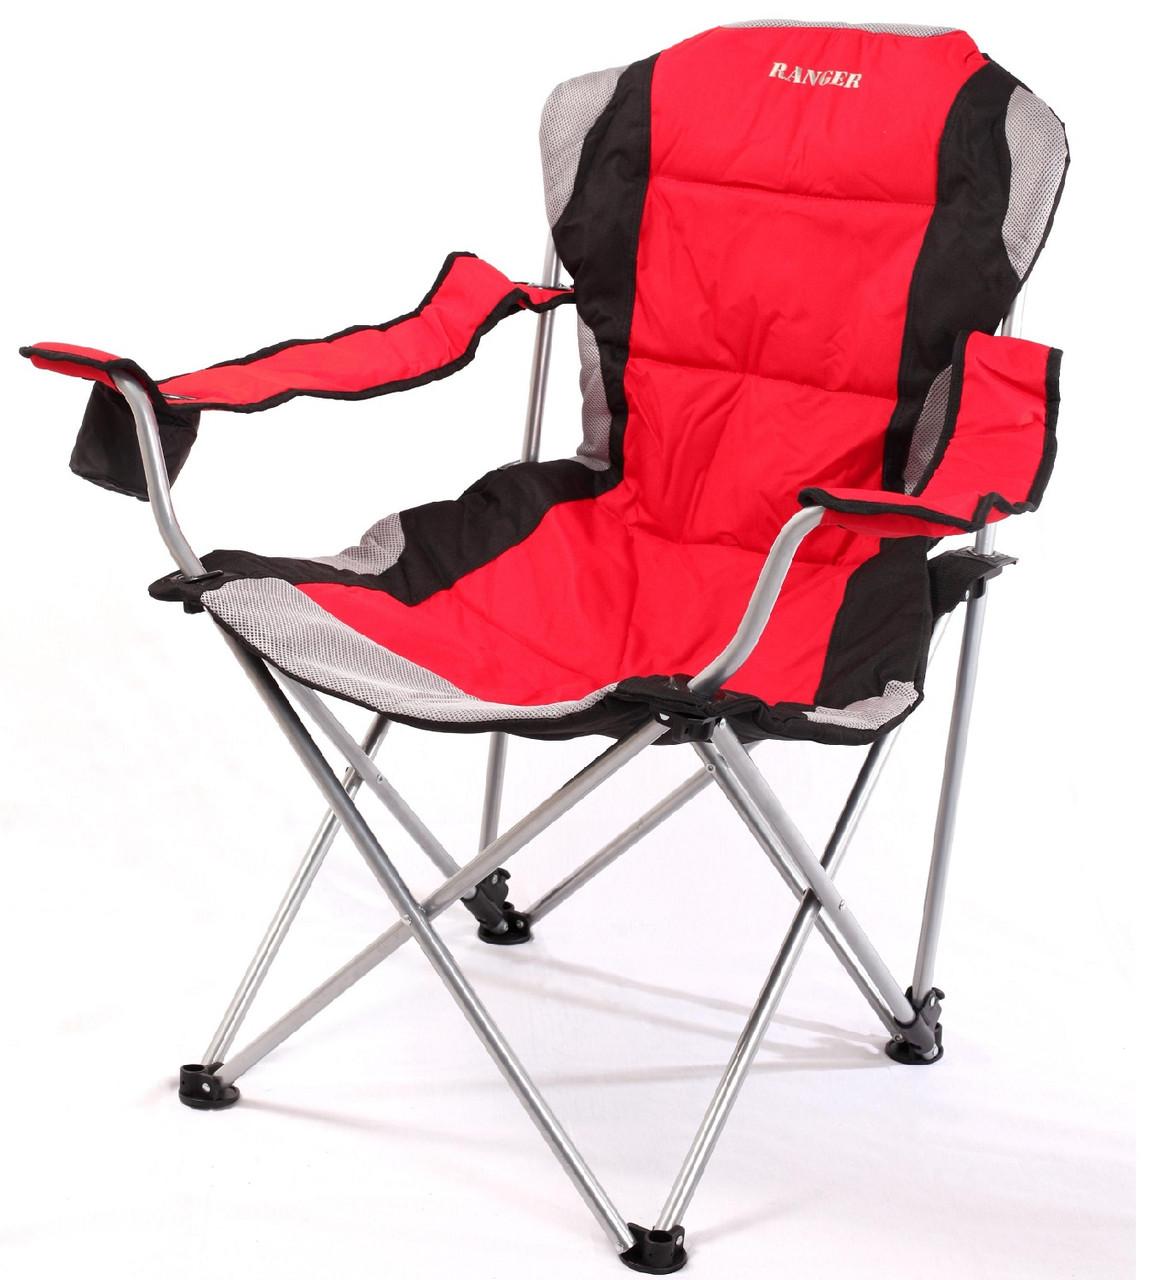 Кресло-шезлонг складное Ranger FC750-052